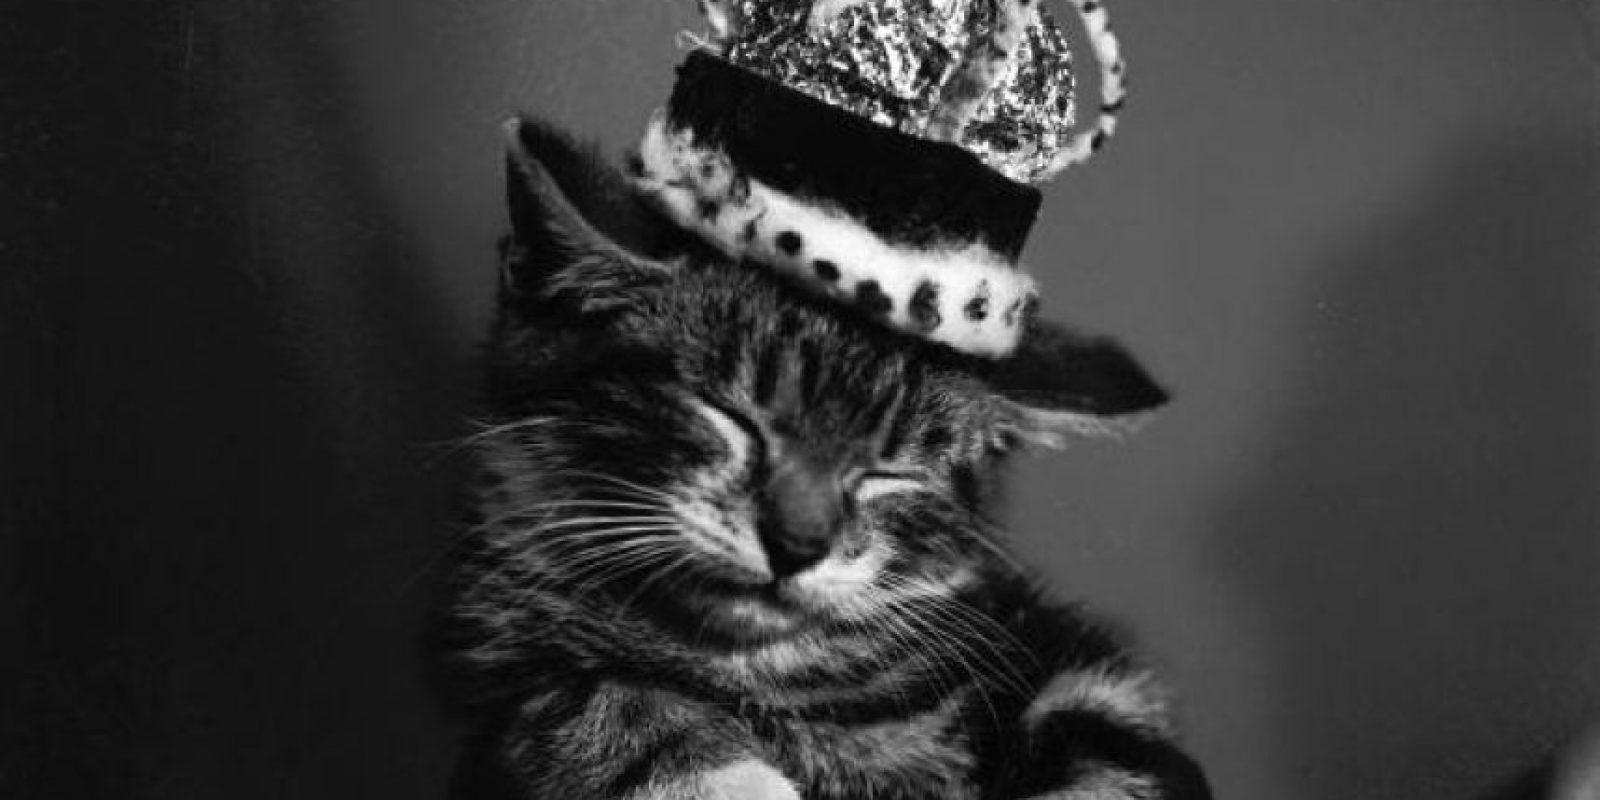 Una vez alimentados los gatitos, y después de cada toma de leche, tendremos que cumplir una de las más importantes tareas: ayudarlos a eliminar sus desechos, porque ellos no lo hacen solos, sino que es la gata quien los estimula Foto:Getty Images